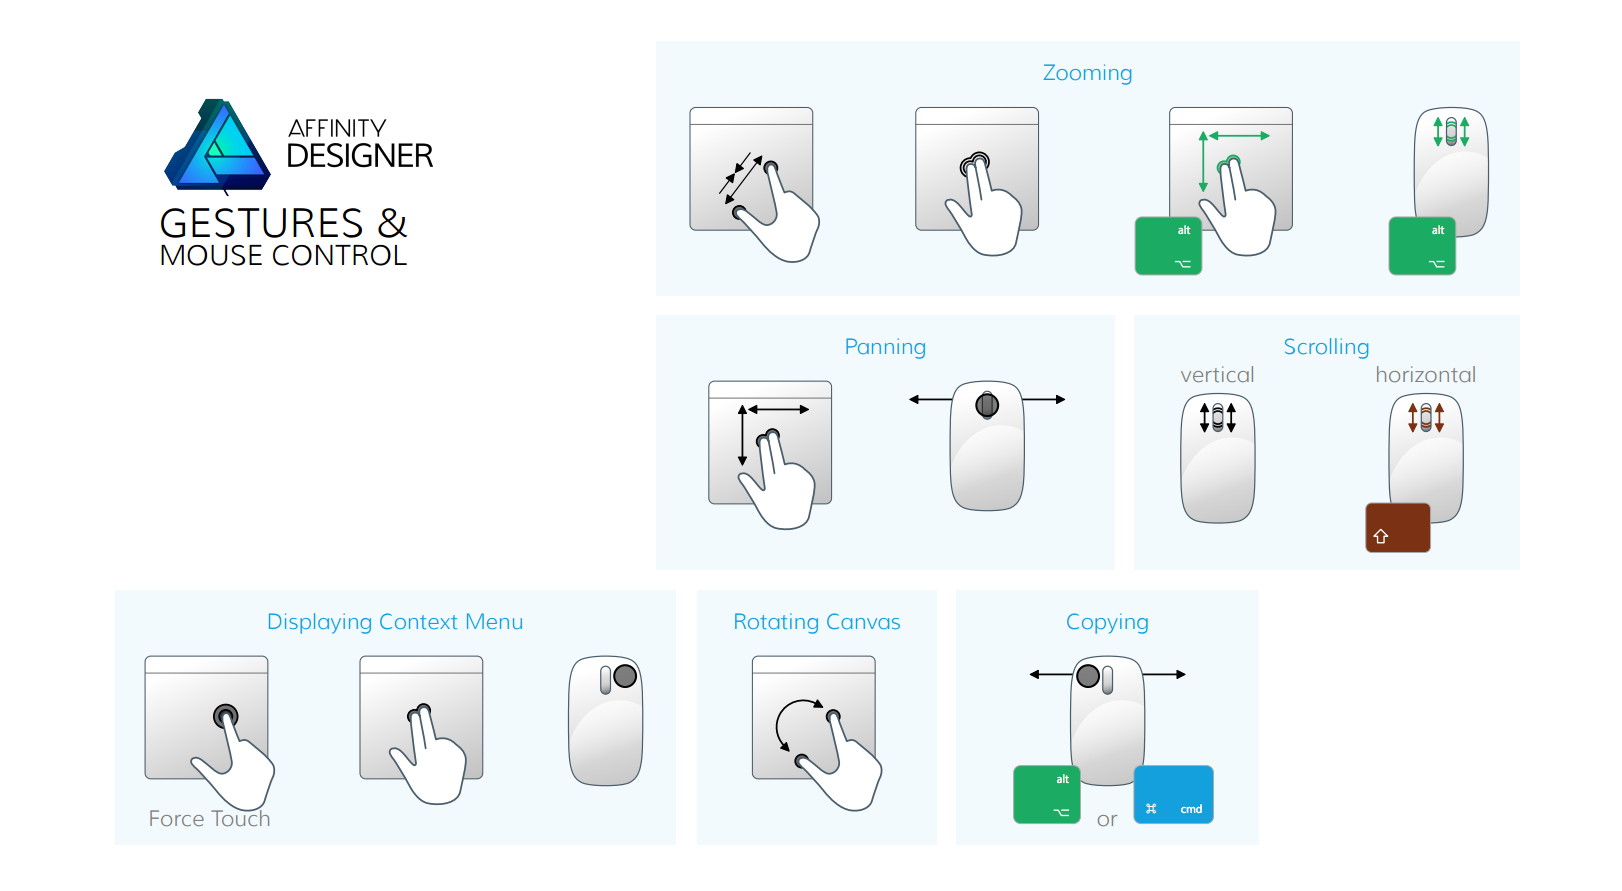 Affinity Designer Gestures (cropped)